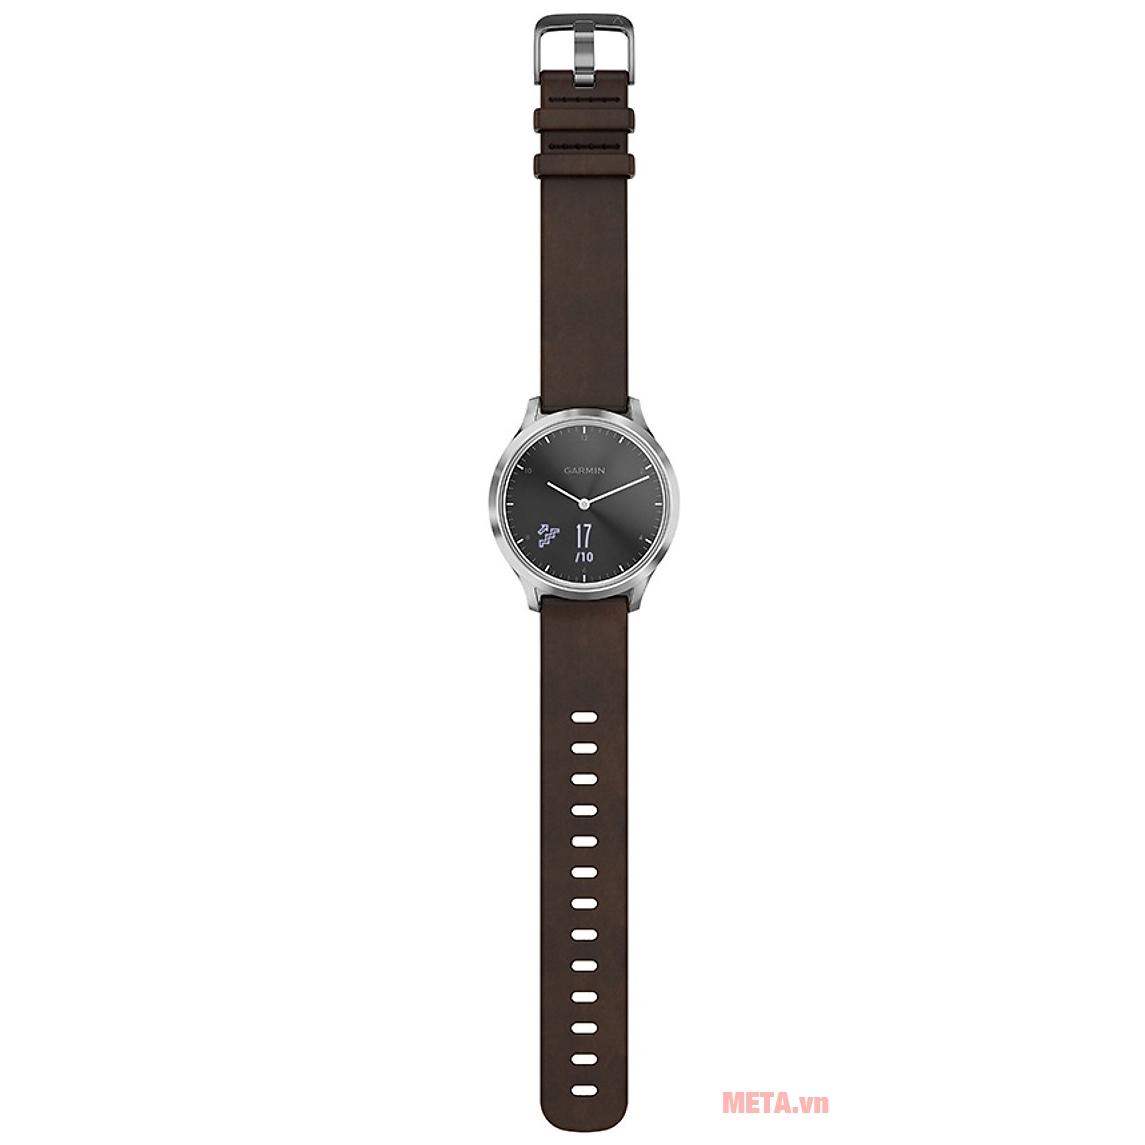 Đồng hồ Garmin vivomove HR (Premium edition) có dung lượng pin lên đến 2 tuần ở chế độ thường